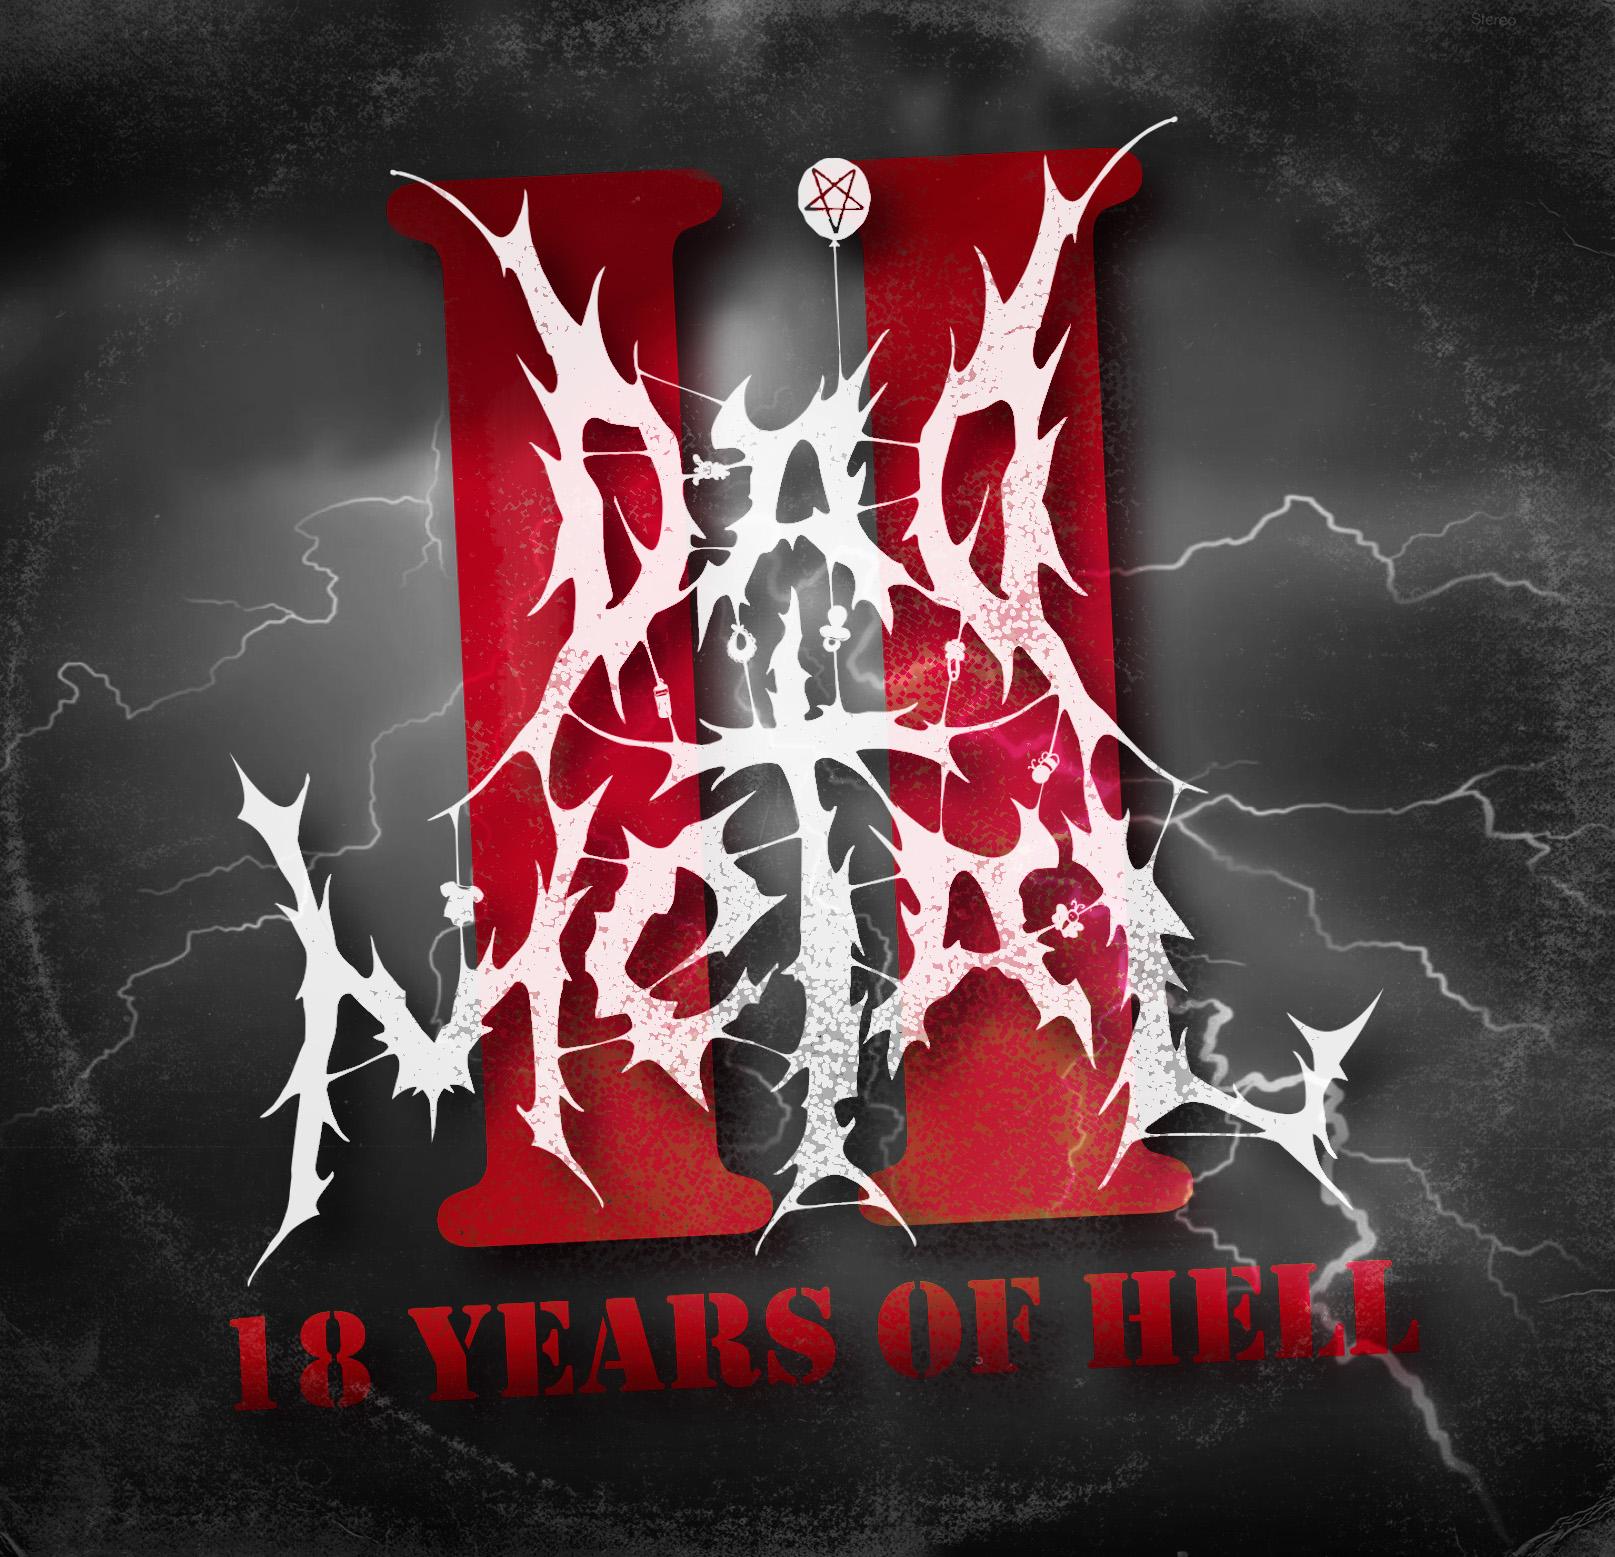 18 years of hell rev.1_o.jpg